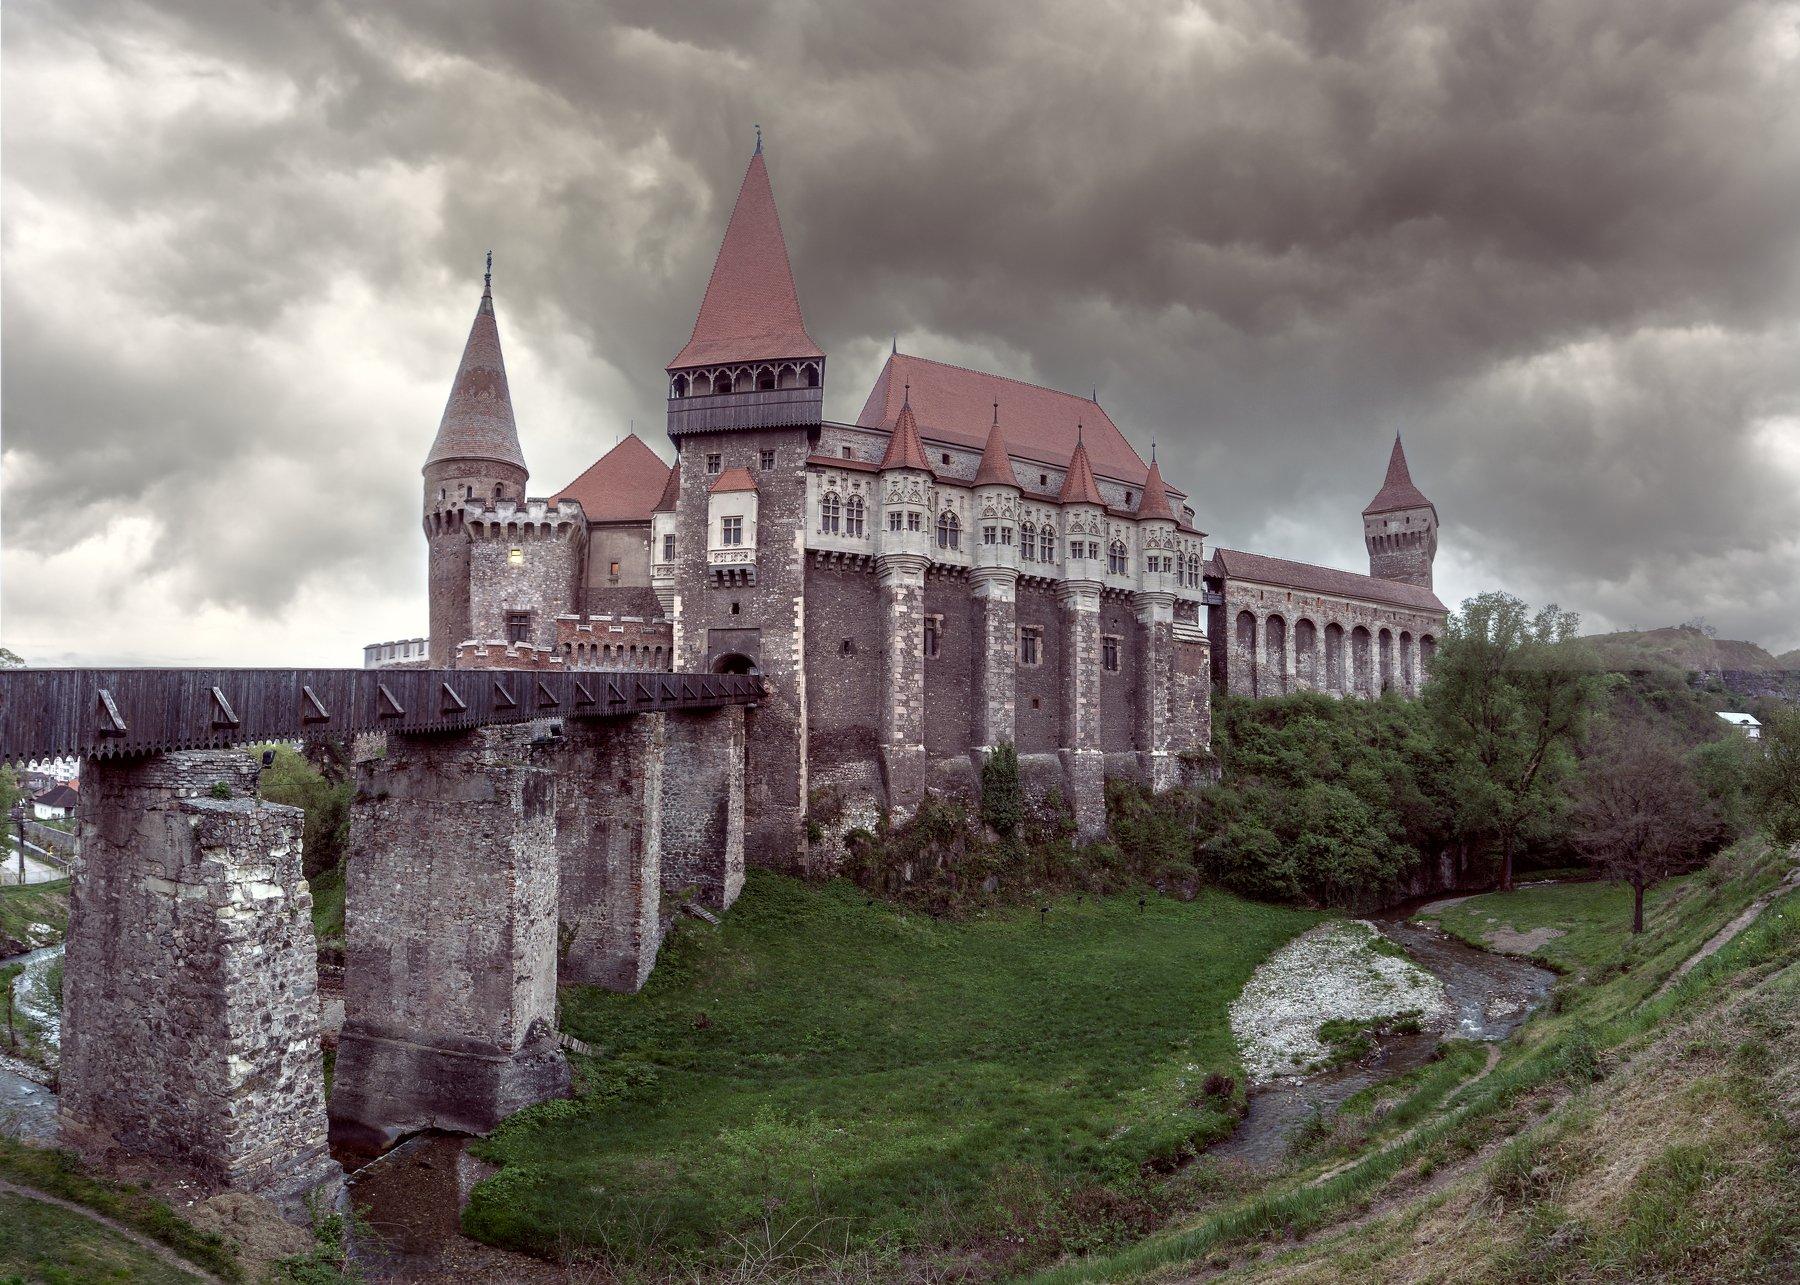 замок корвинов , castelul corvinilor,  vajdahunyadi, трансильвания, хунедоара,злаште., Виктор